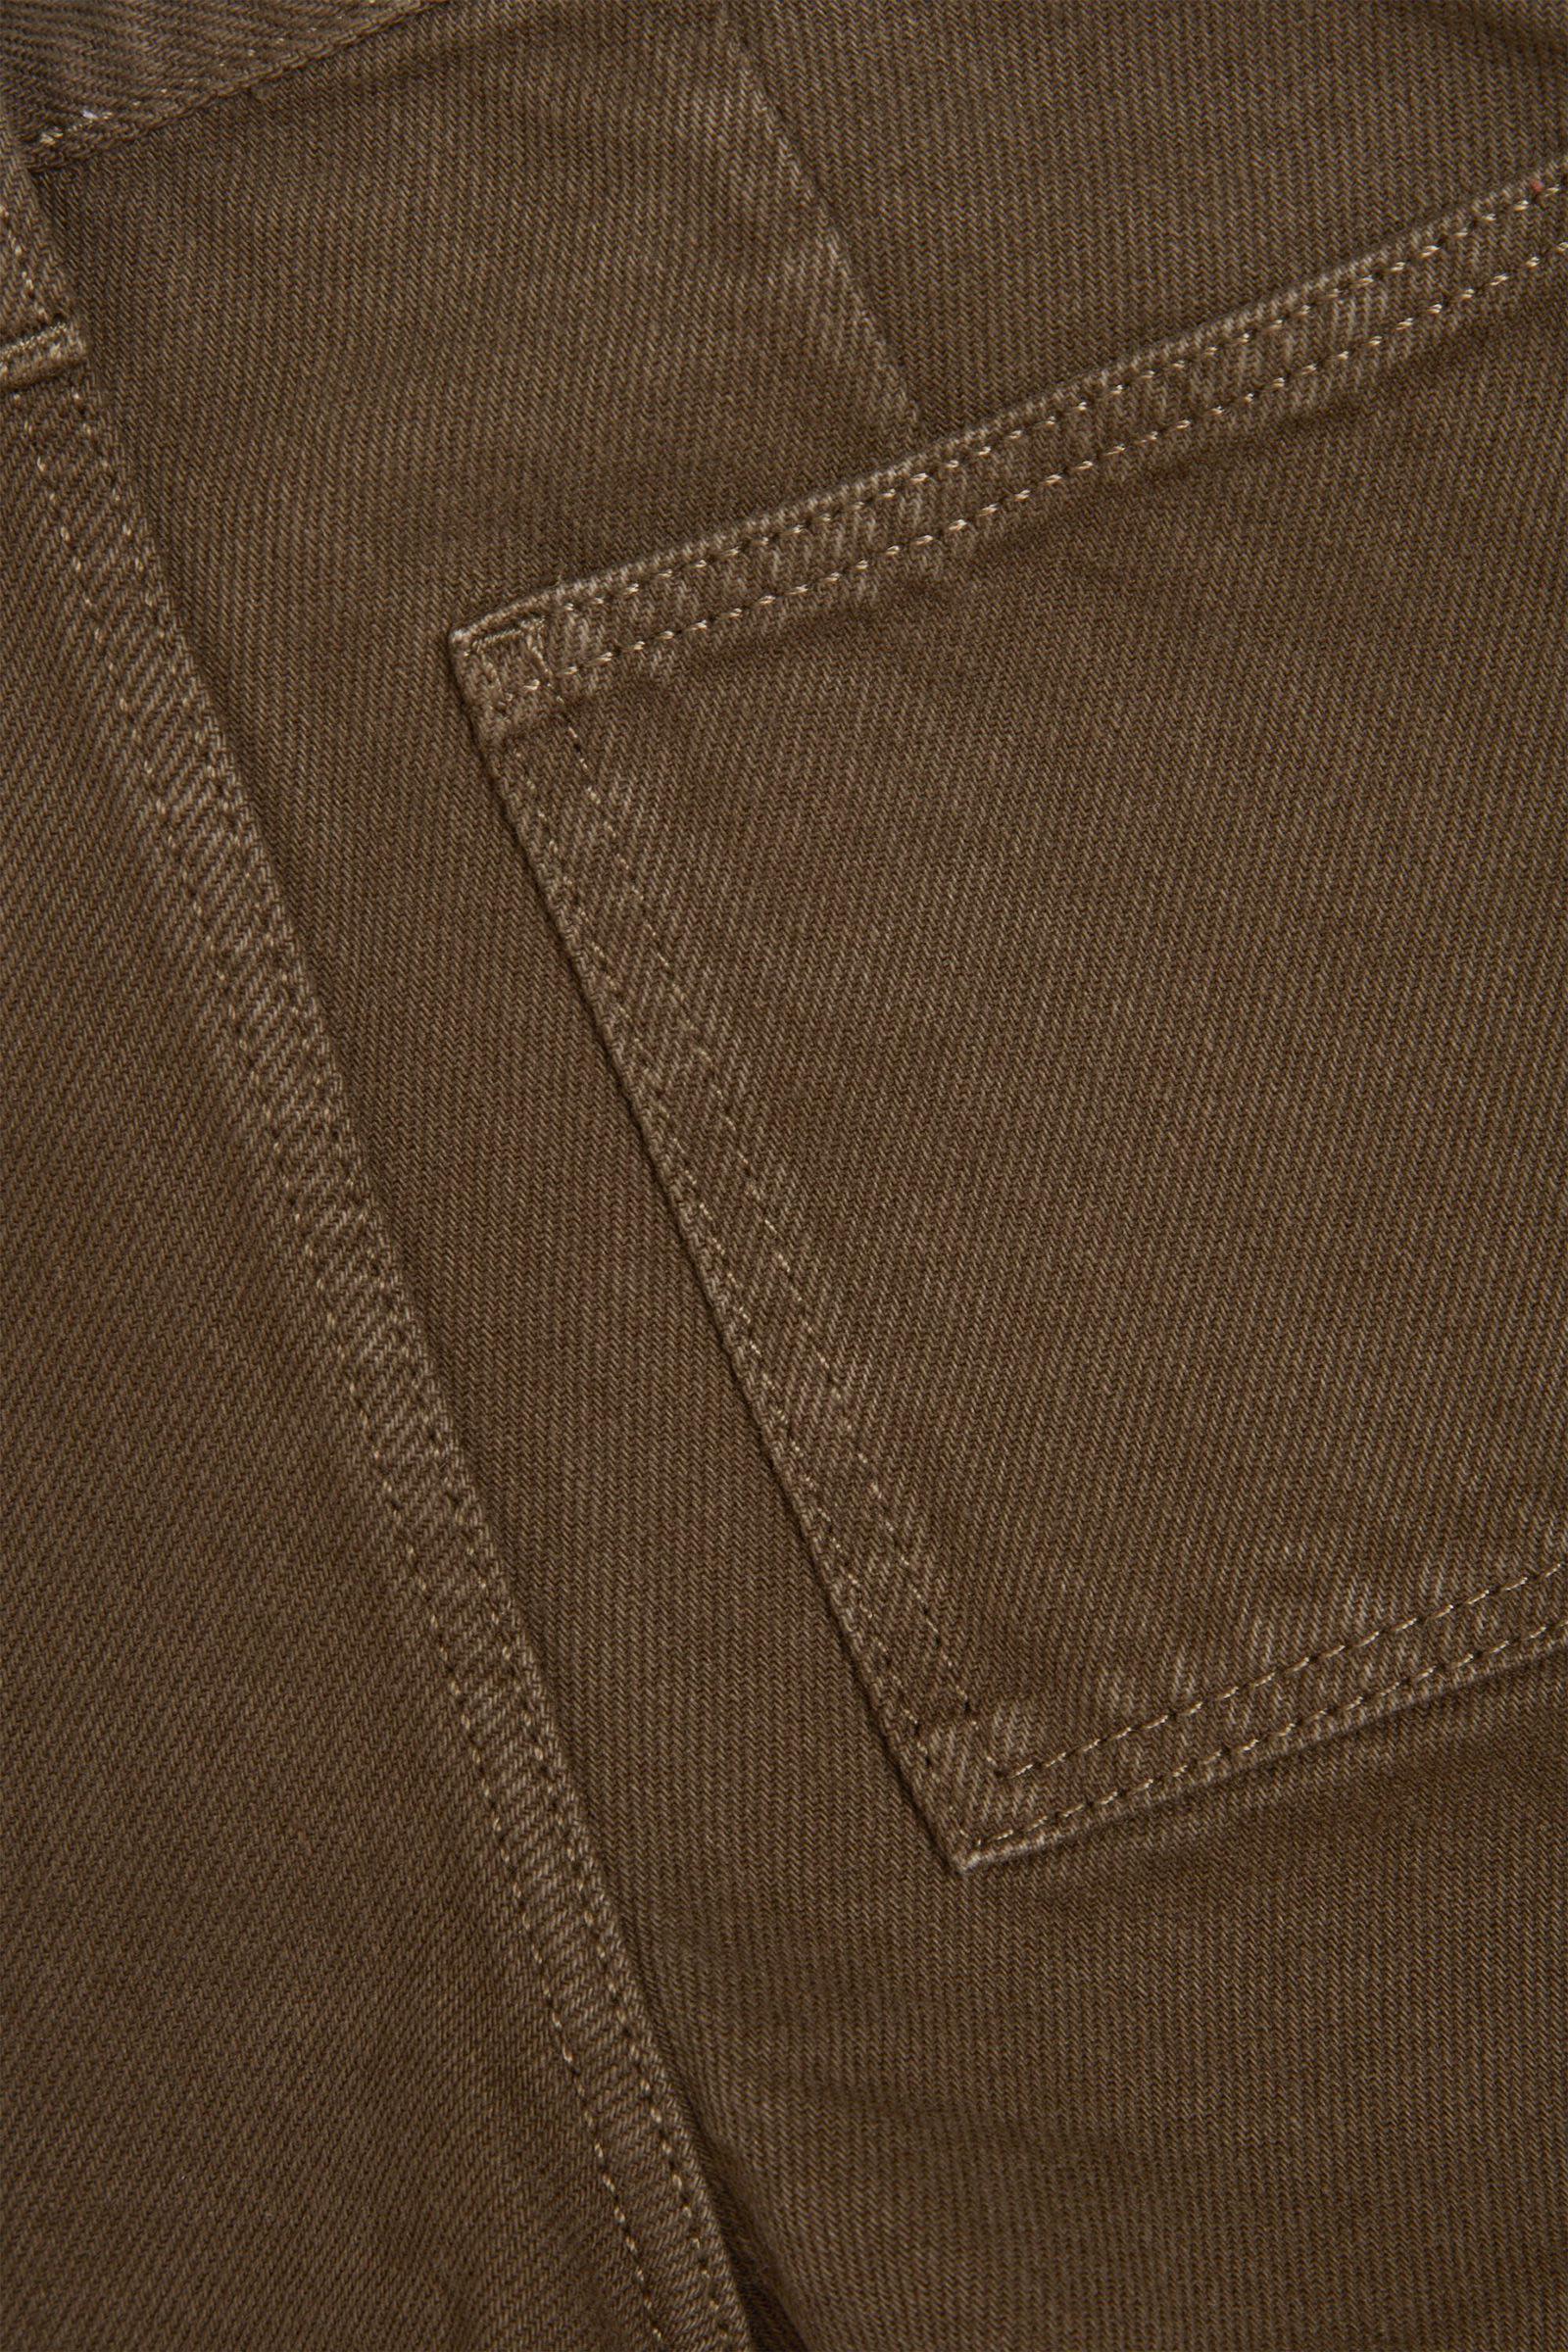 COS 오가닉 코튼 배럴 진의 카키 그린컬러 Detail입니다.